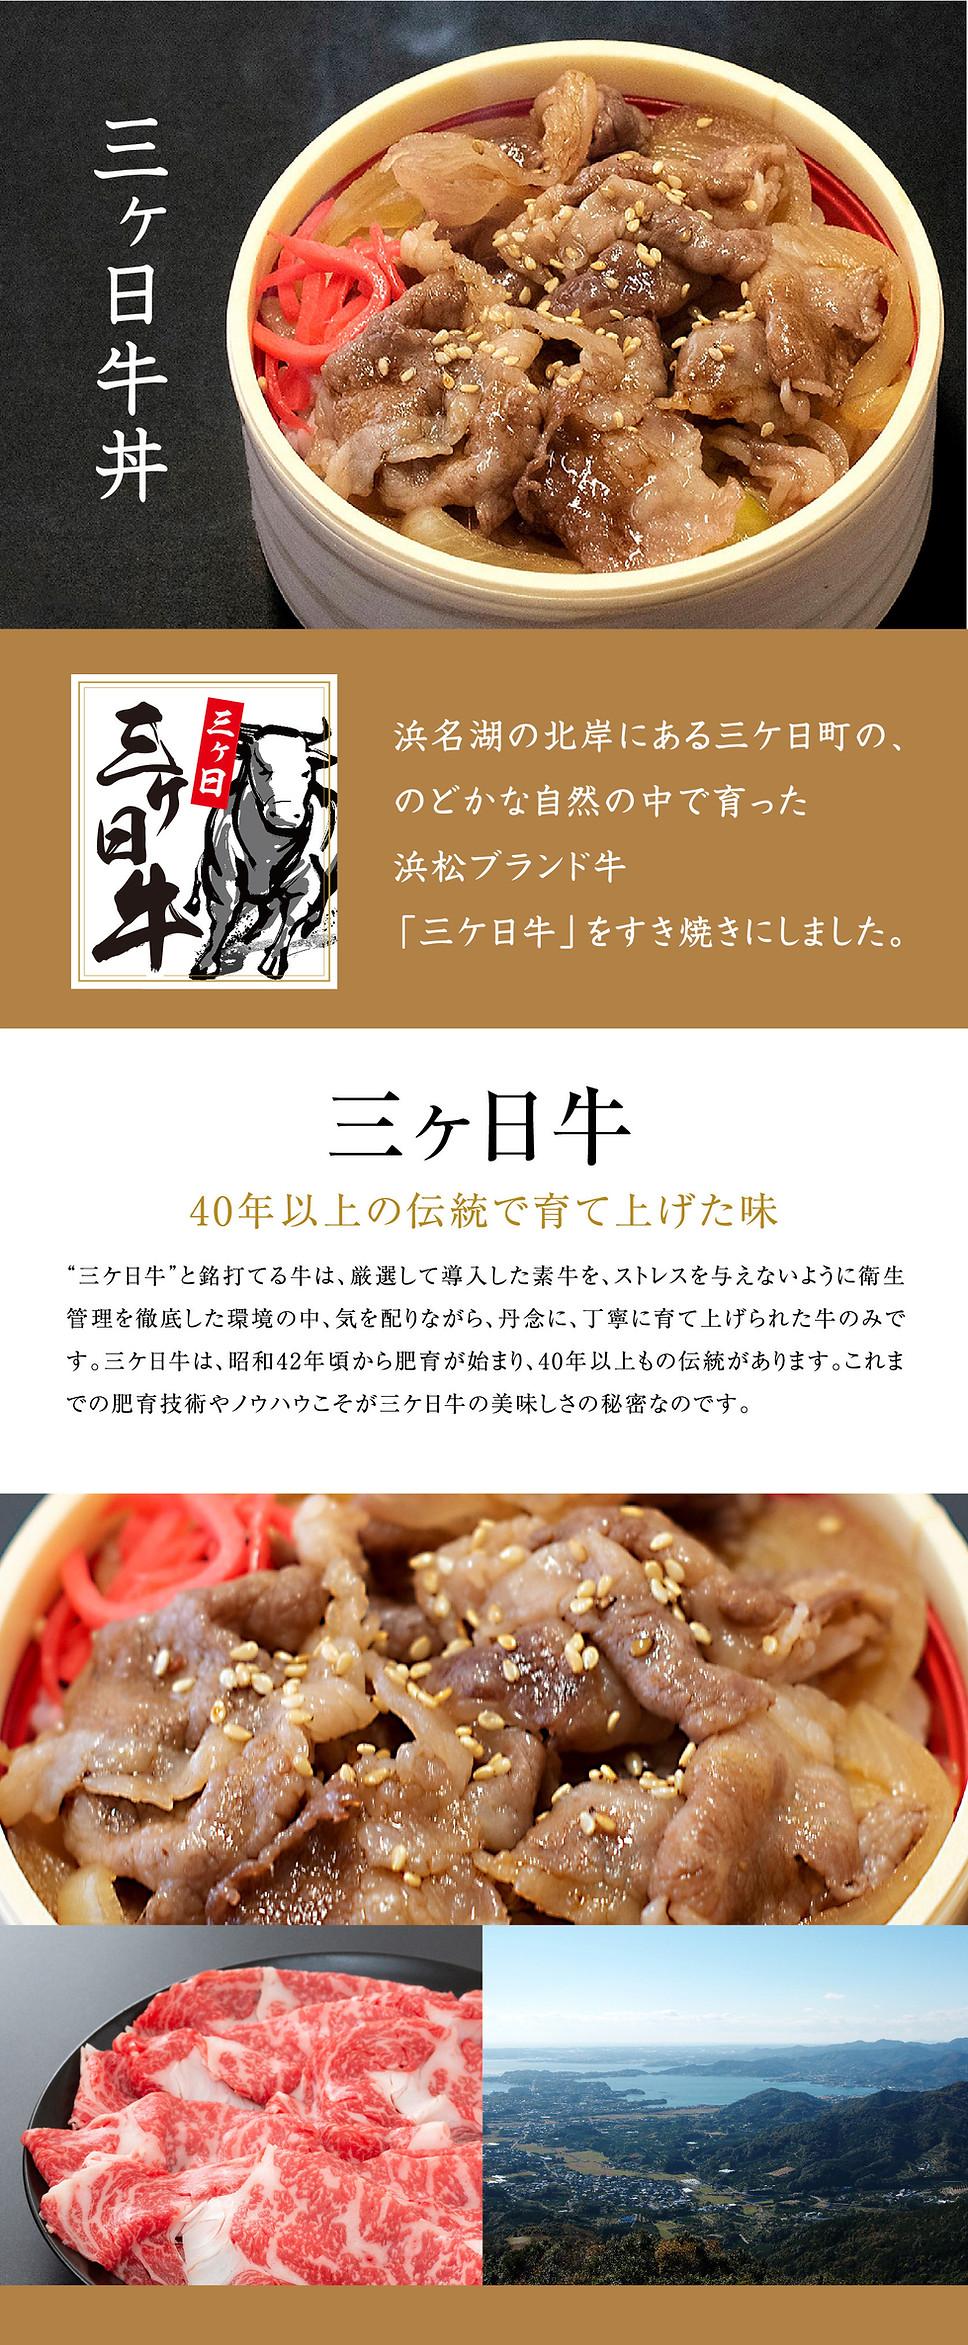 三ヶ日牛「三ヶ日牛丼」